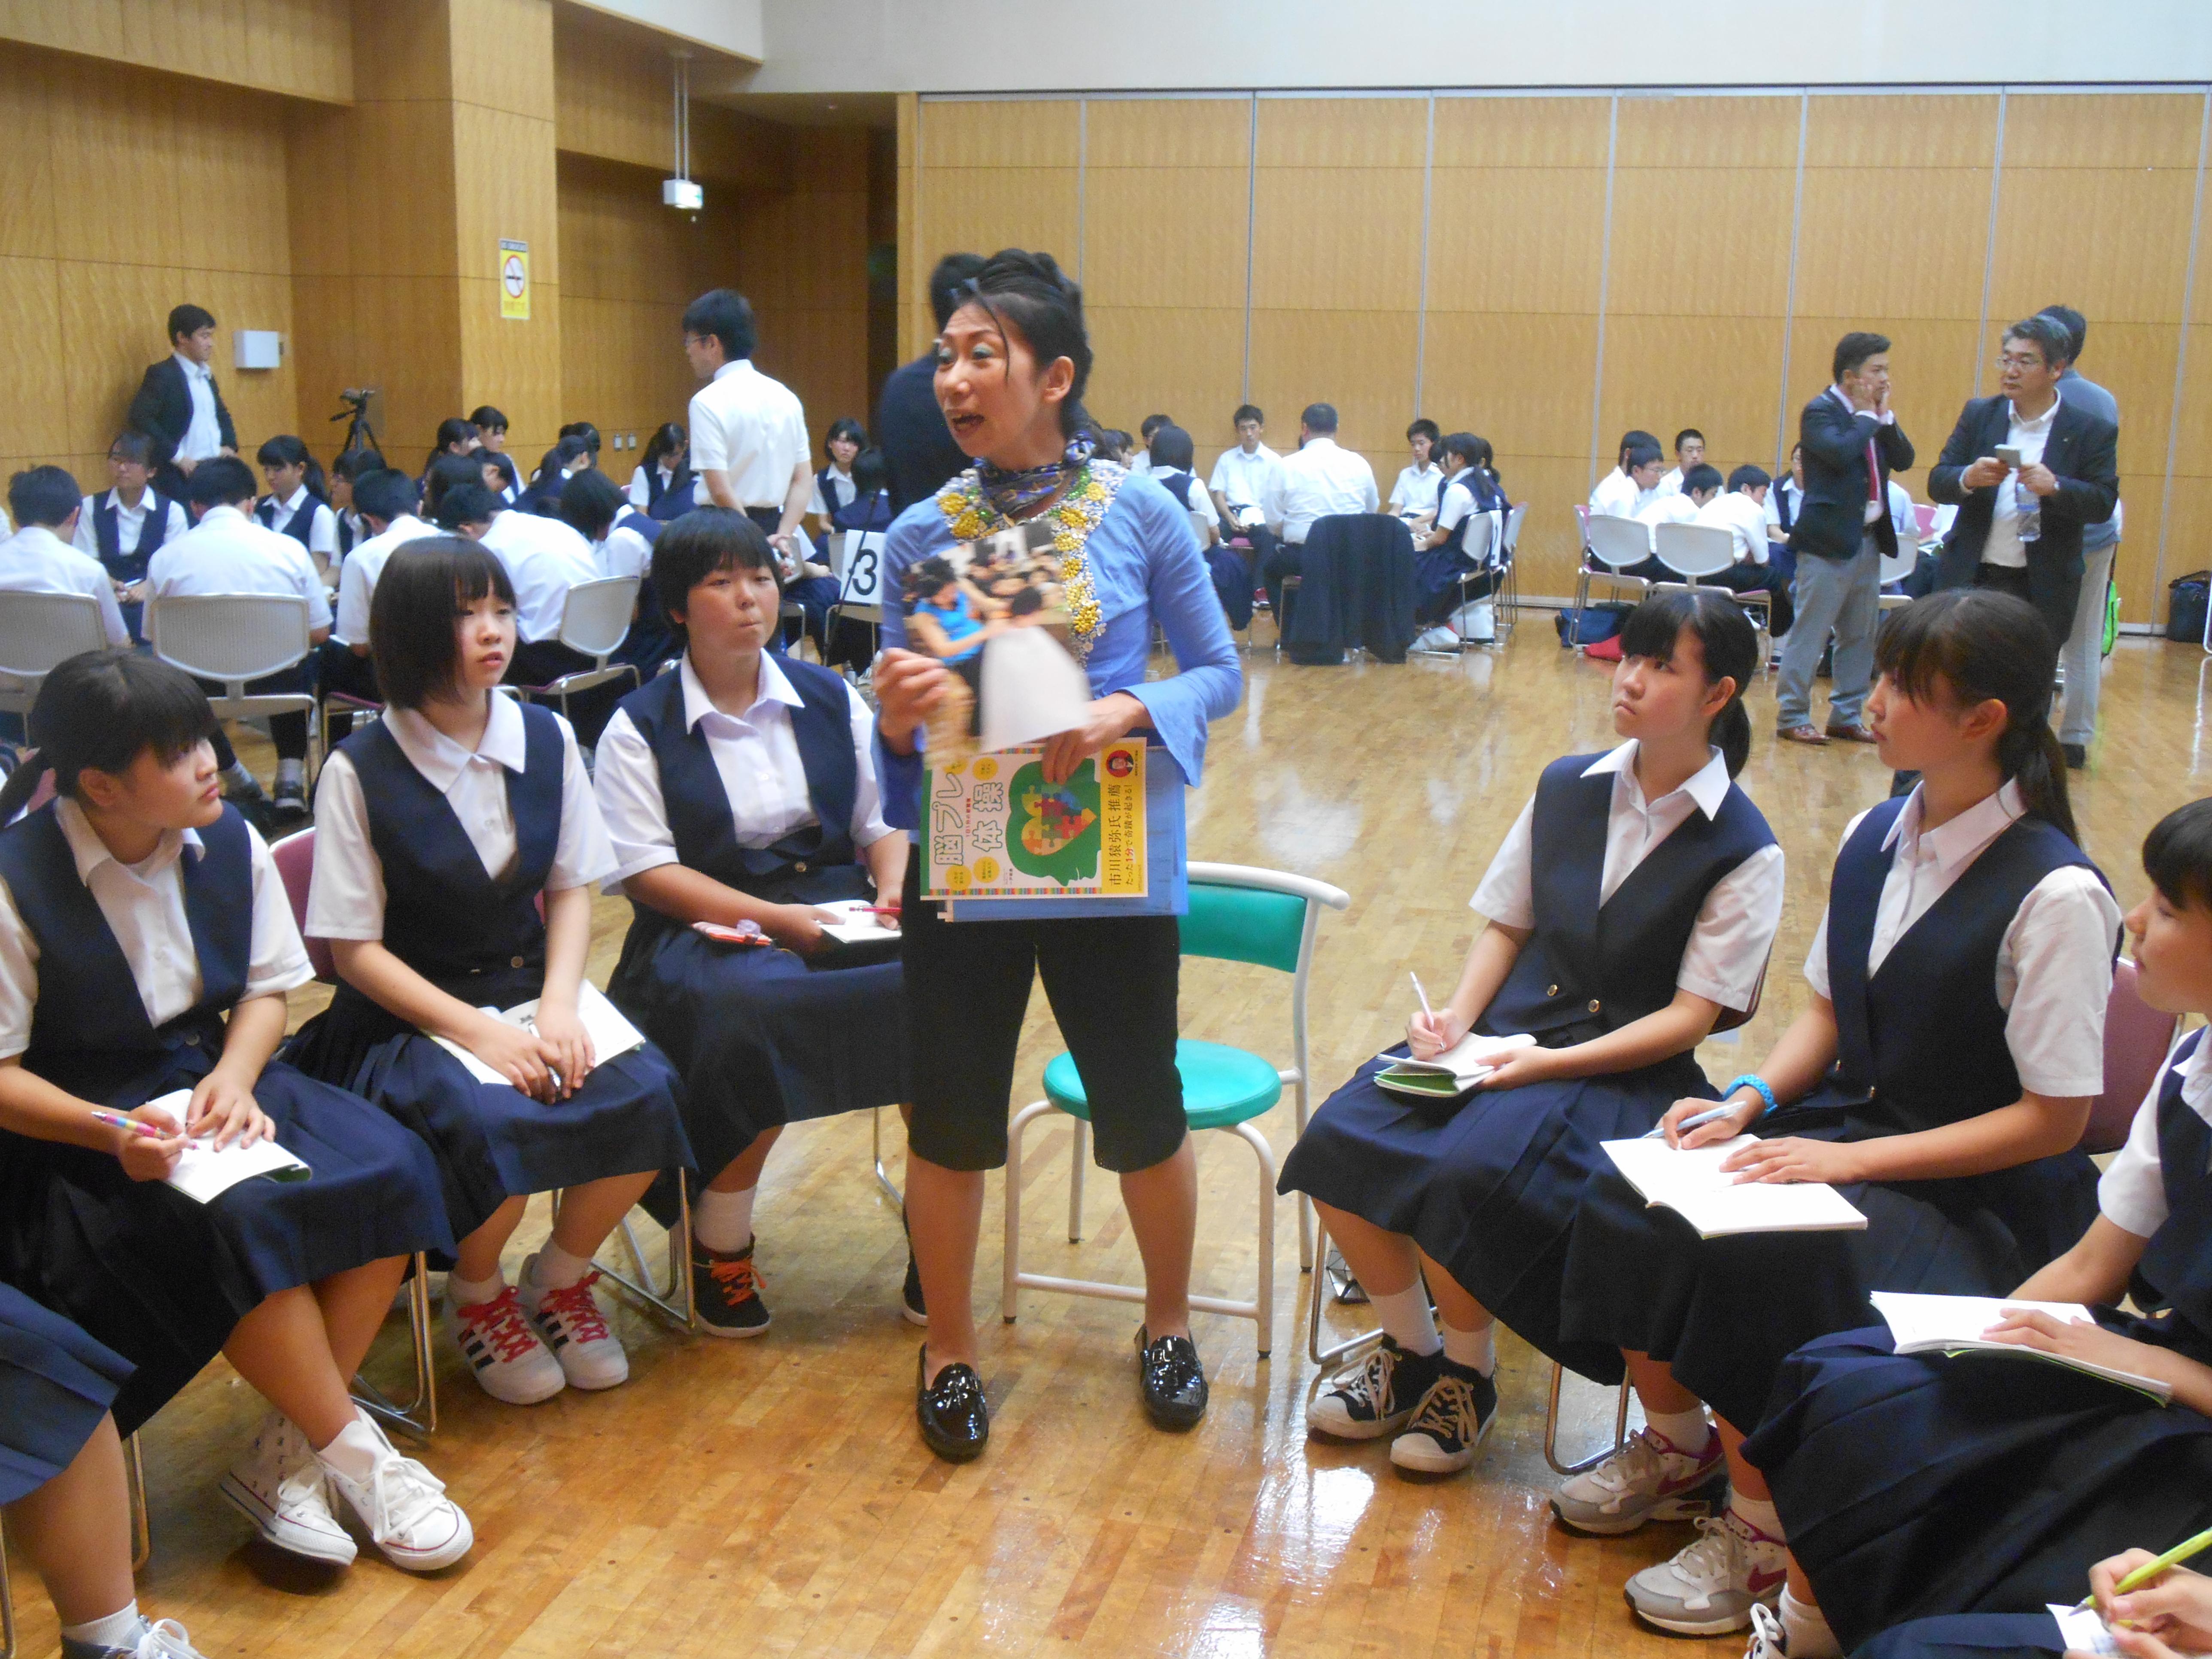 DSCN1769 - 2016年6月28日 青森市立甲田中学校アオスキフューチャーズゼミ開催